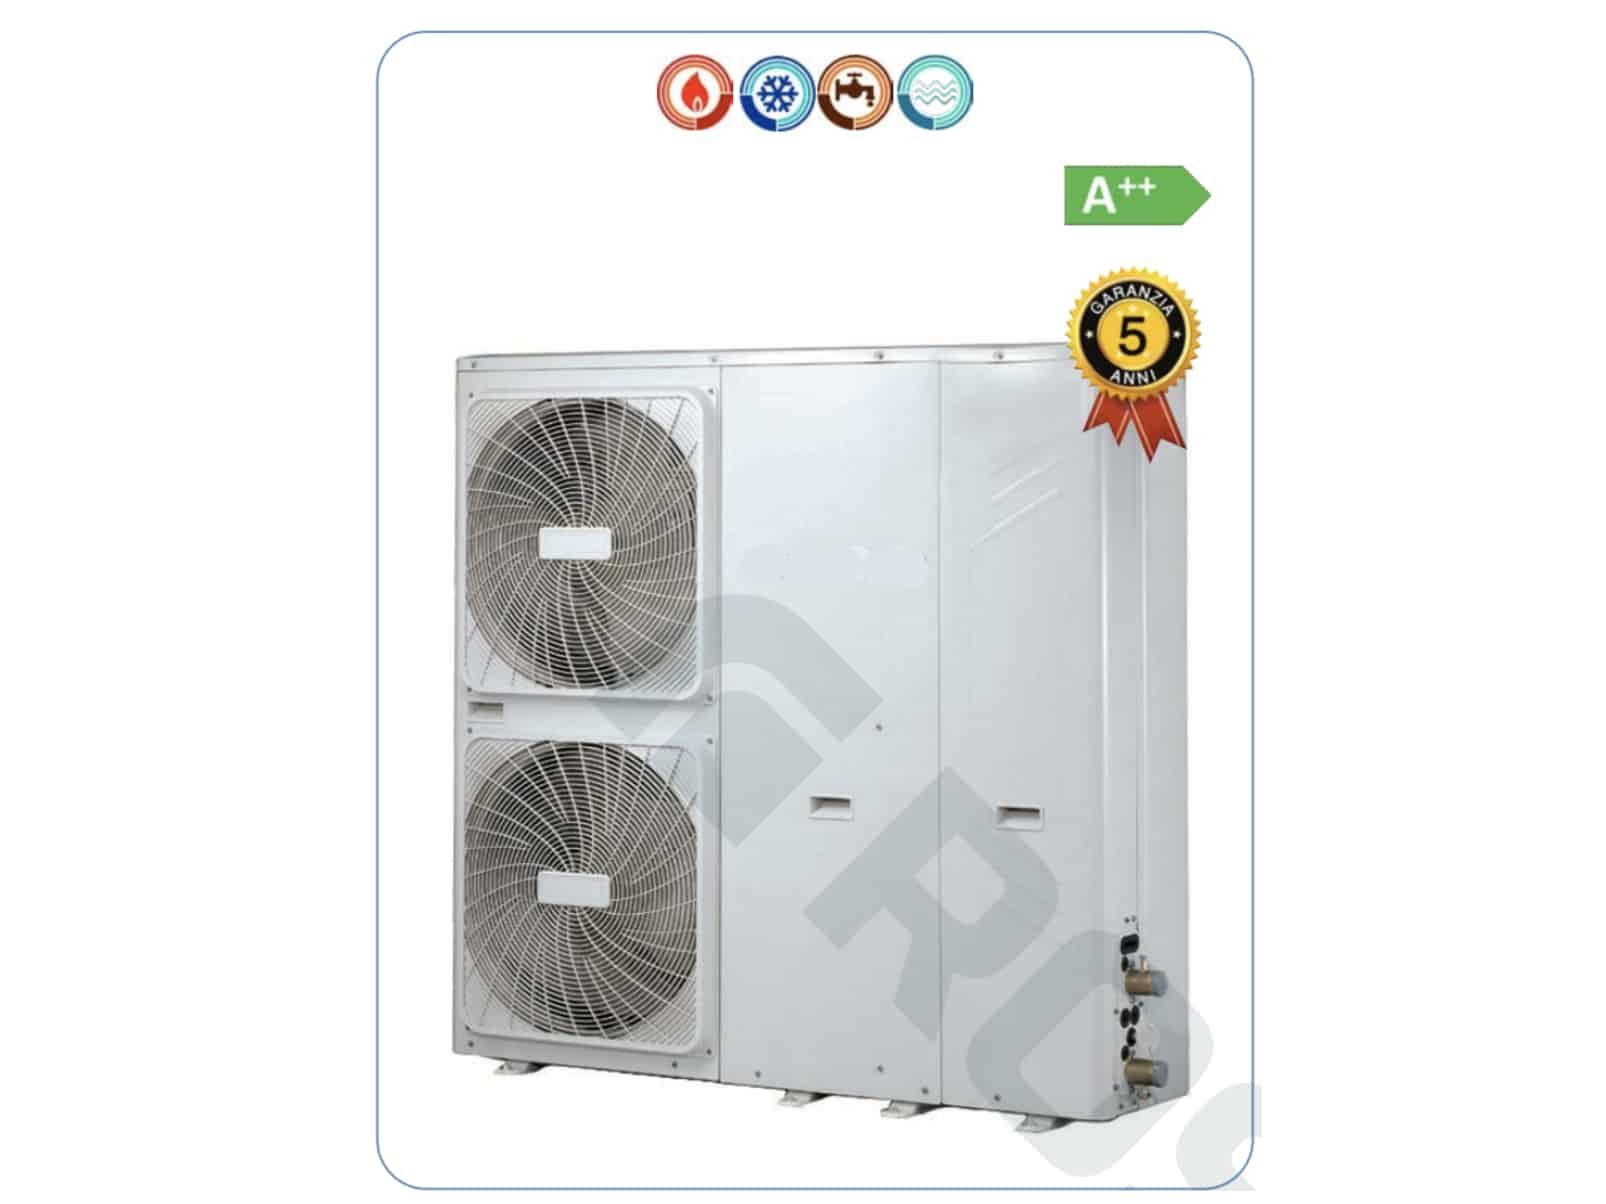 Riscaldamento A Pavimento E Raffreddamento pompa di calore aria acqua 12,7 kw inverter per riscaldamento e  raffreddamento e produzione acqua calda sanitaria trifase